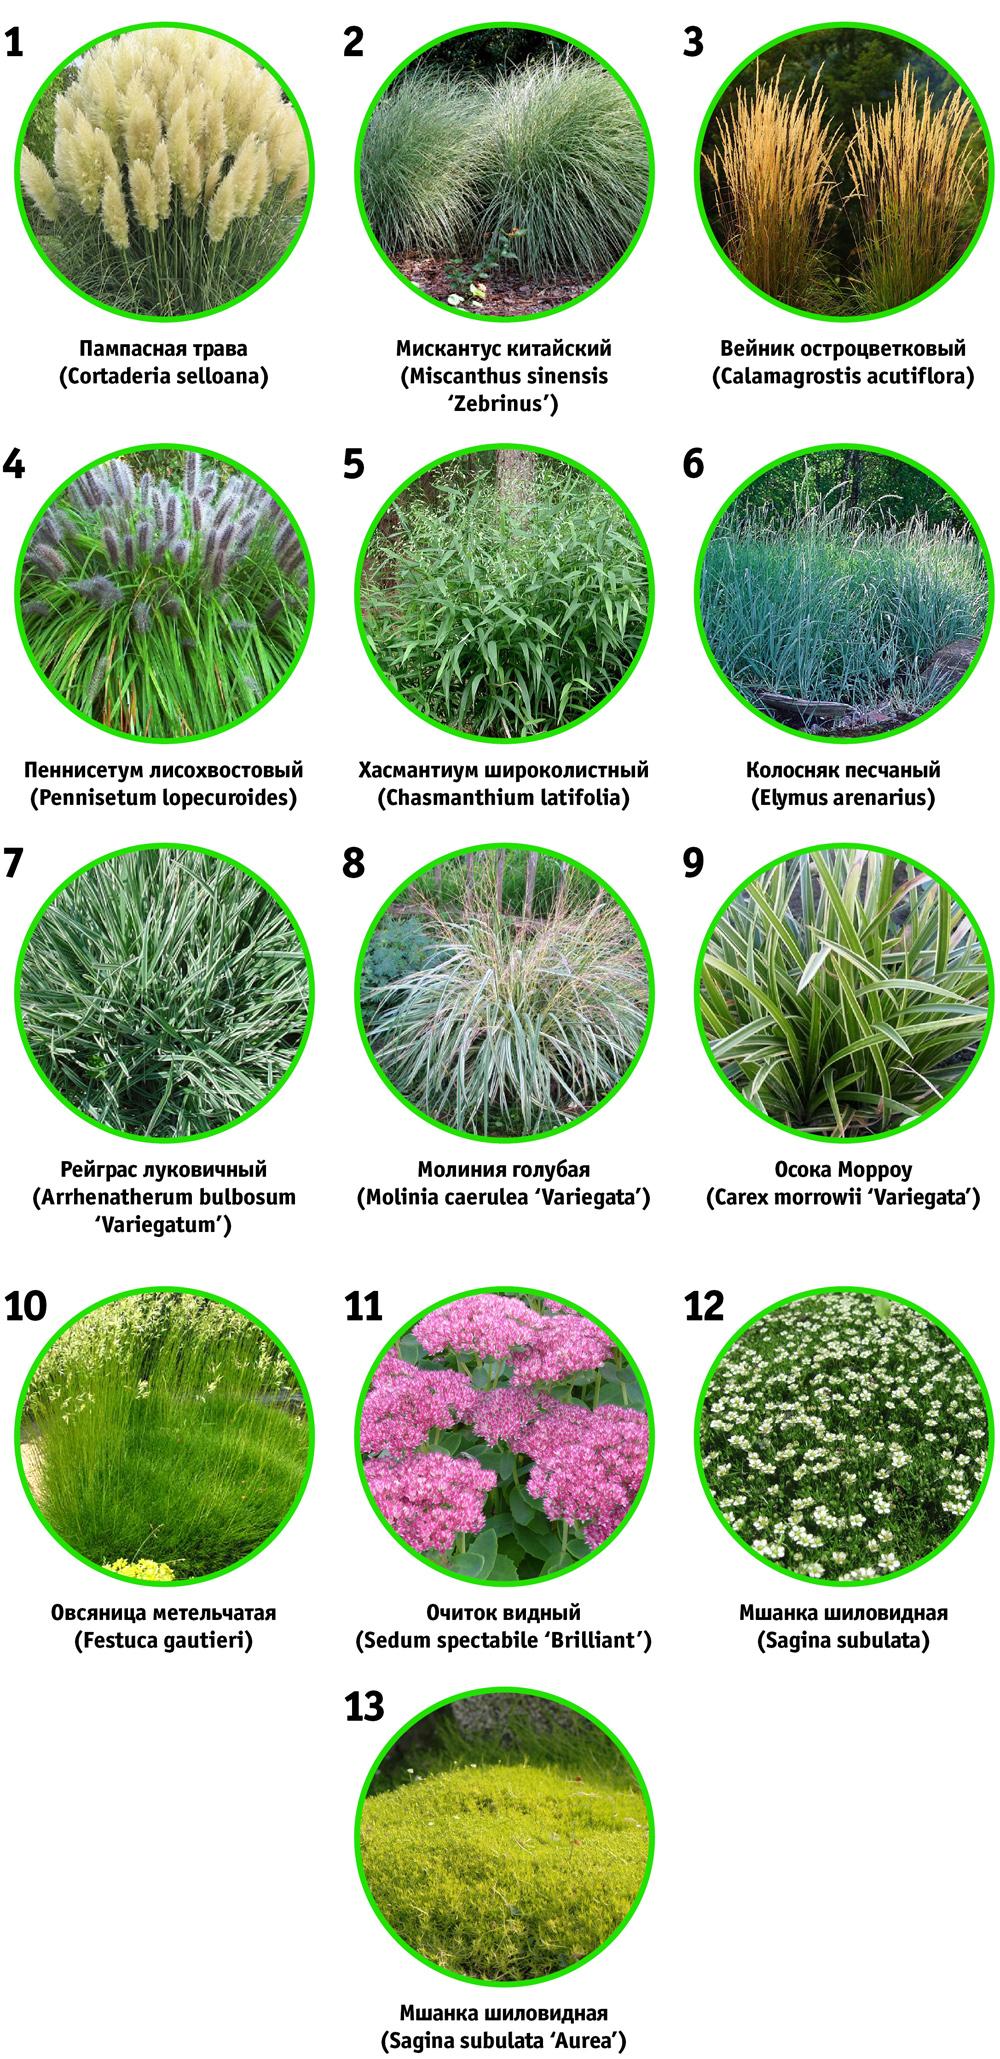 схема миксбордера травы и злаки